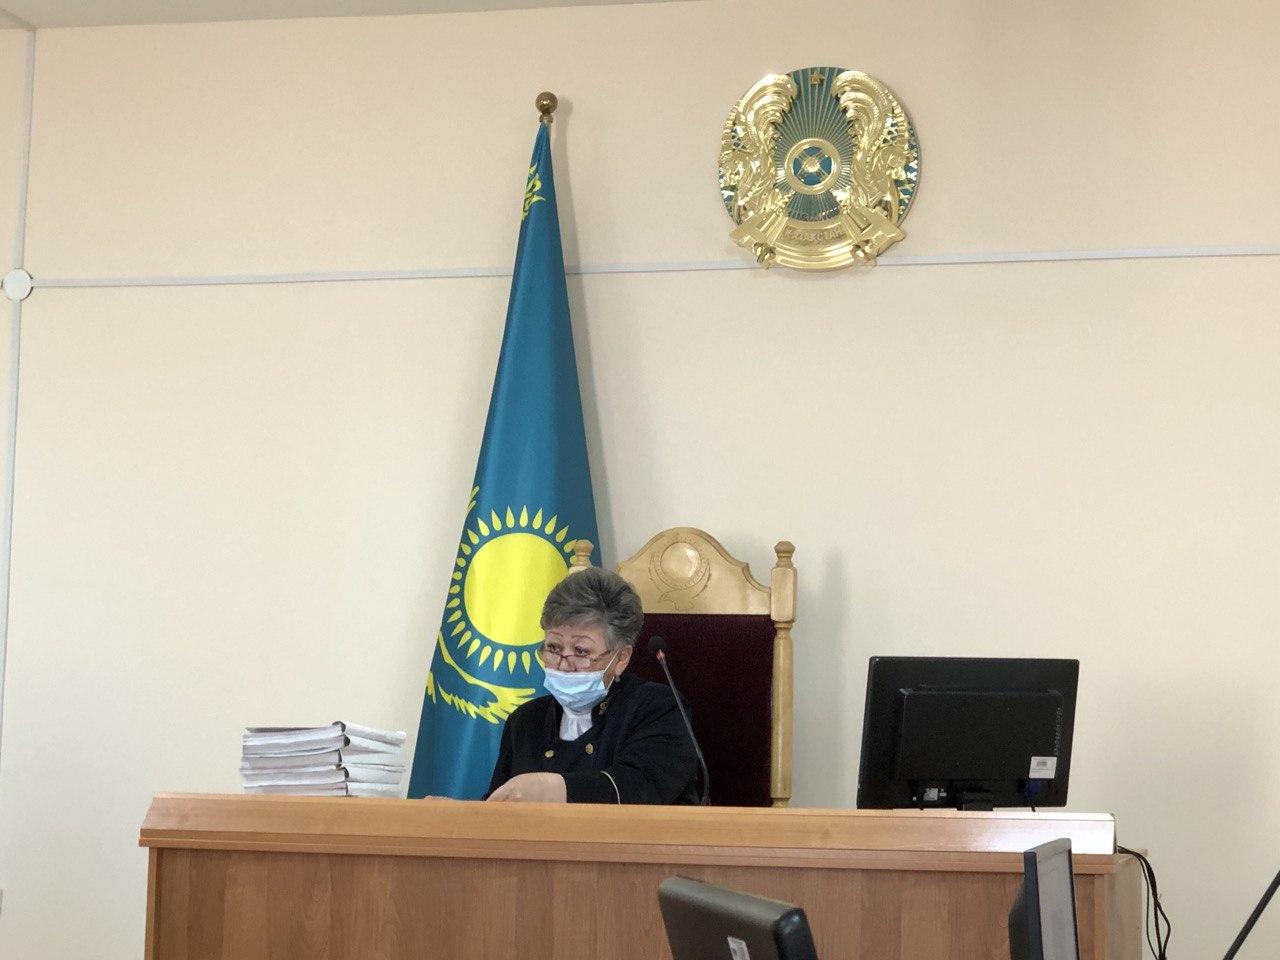 Прокурор попросил лишить экс-руководителя облздрава ЗКО свободы на 4 года и 8 месяцев